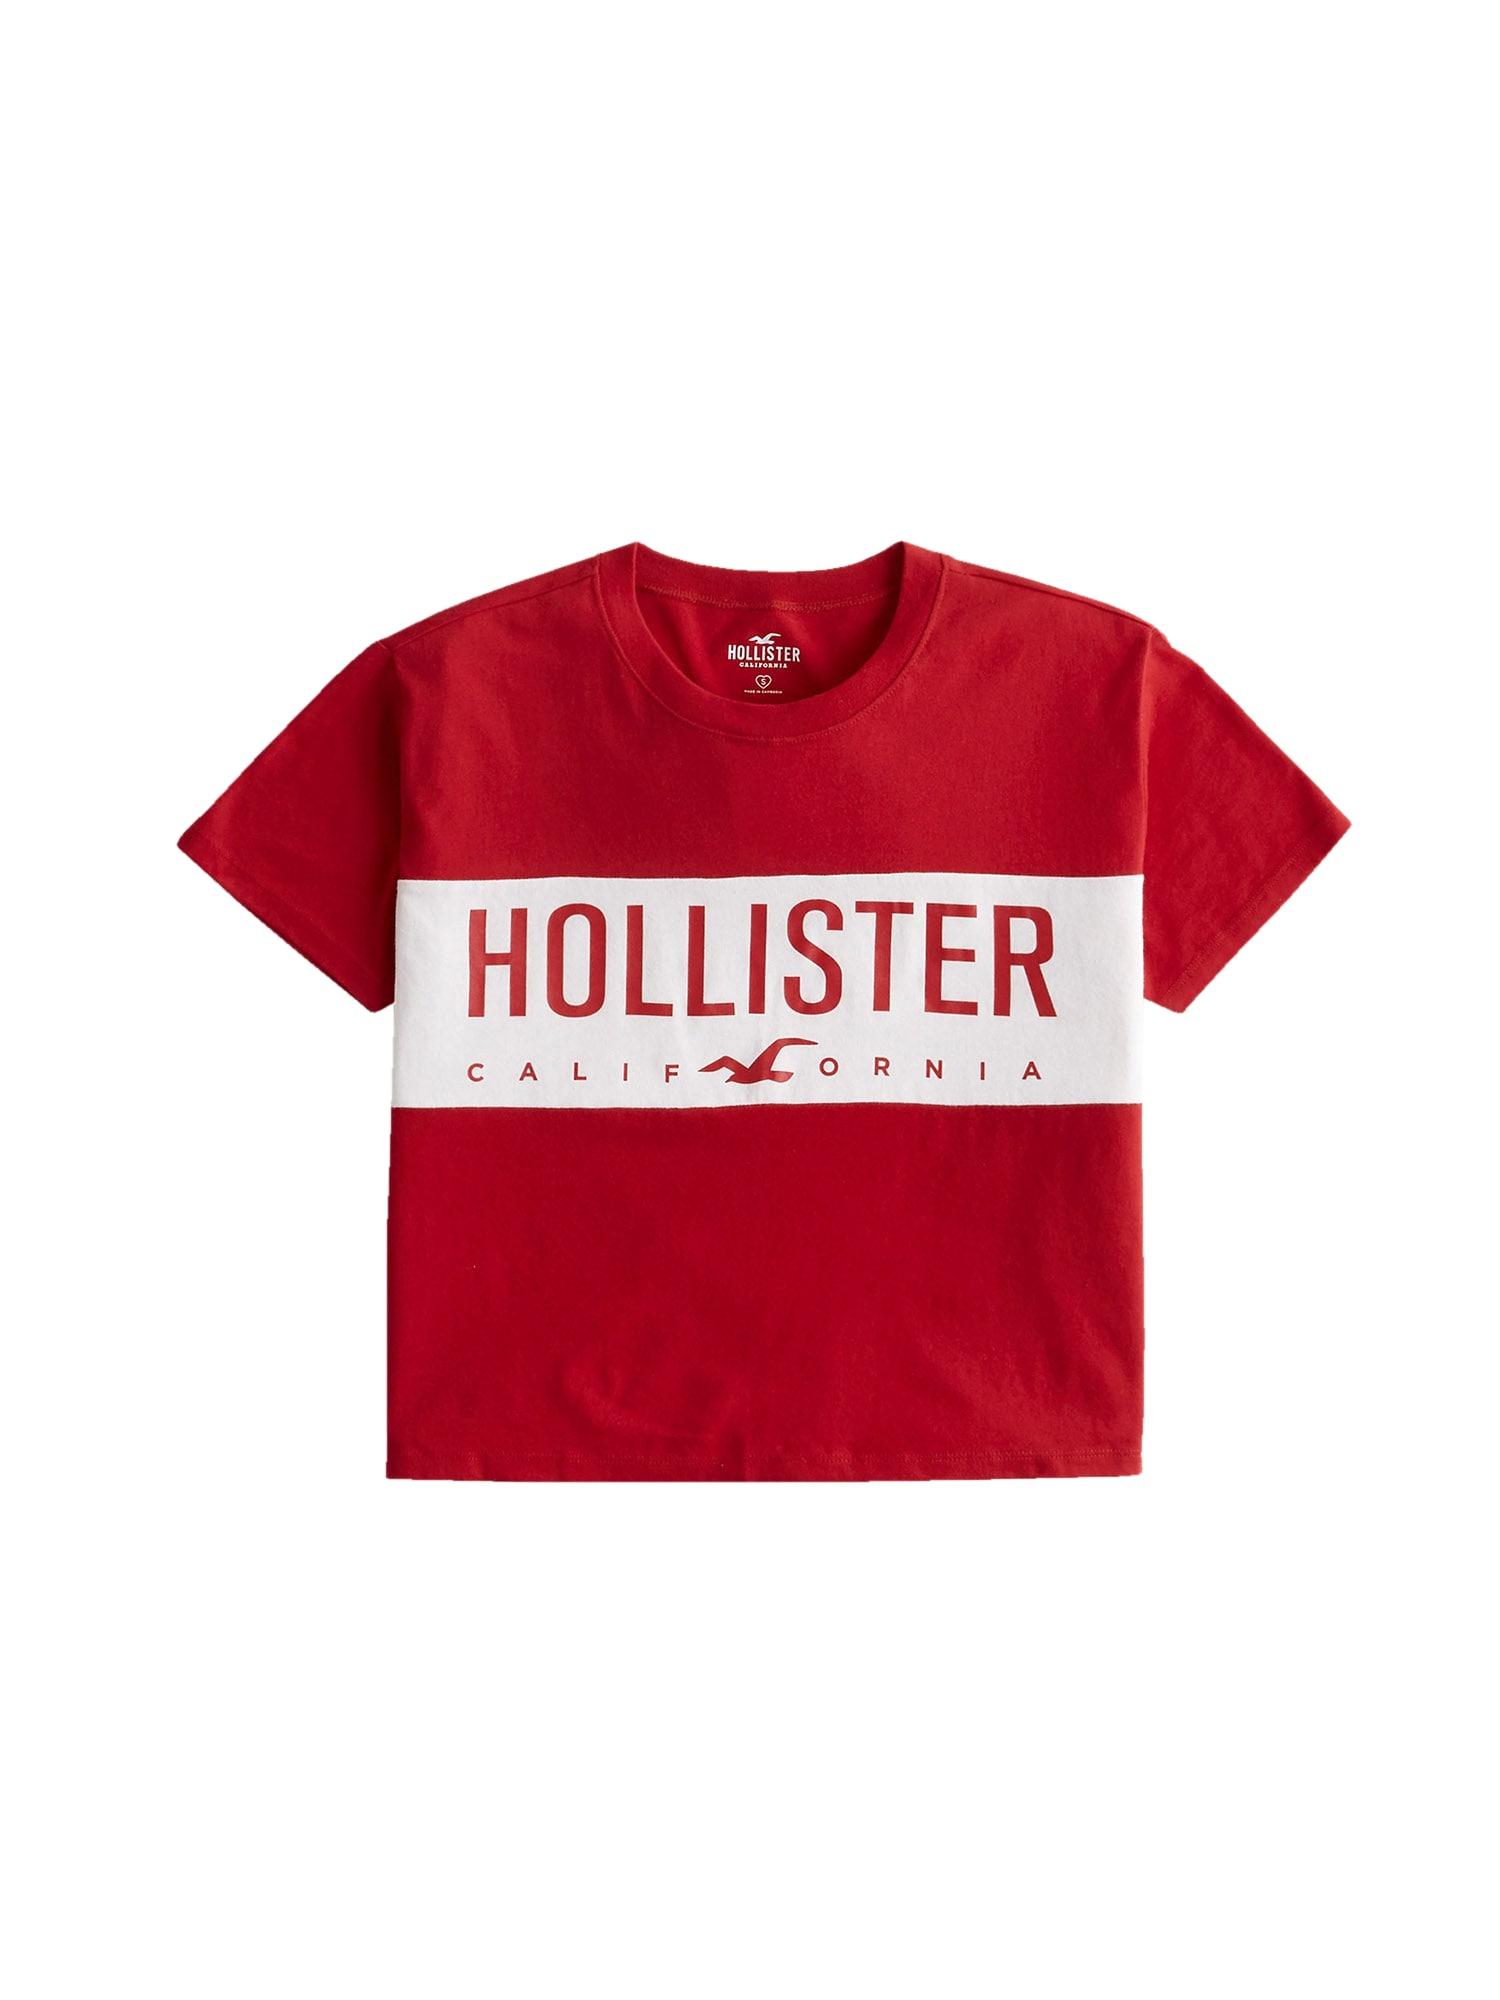 HOLLISTER Marškinėliai raudona / balta